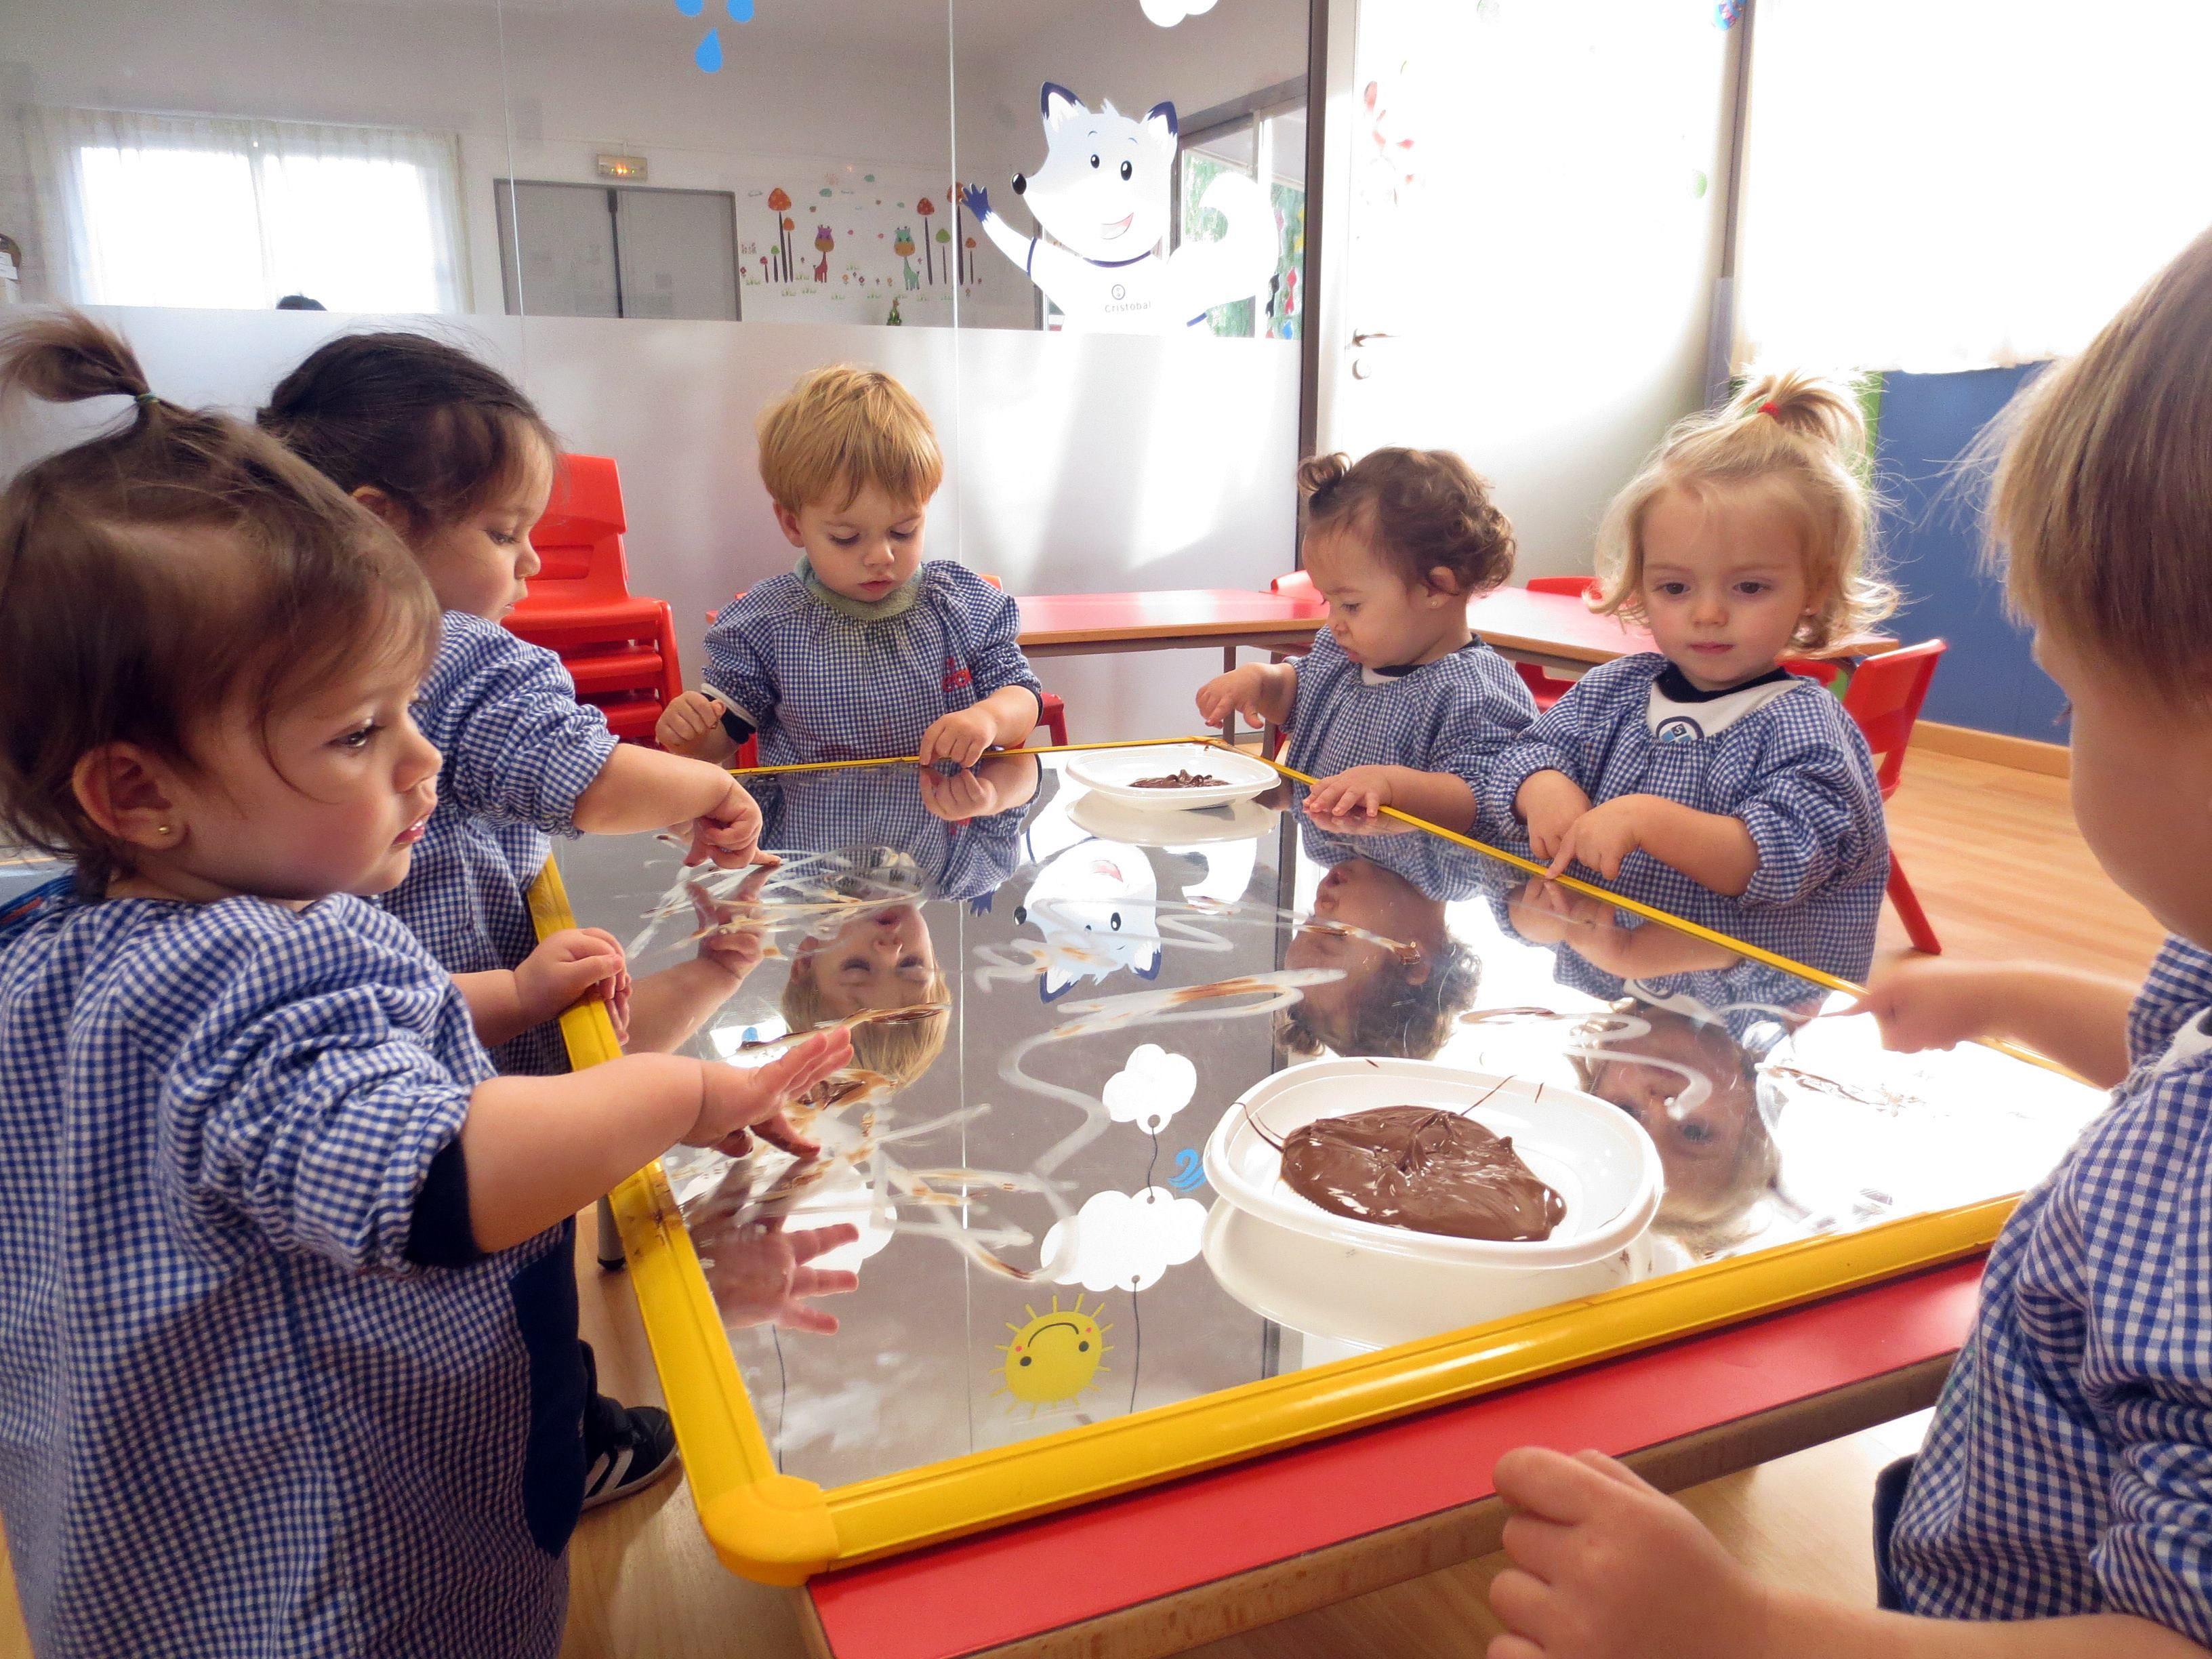 Pintar Con Chocolate Los Peques De 1 Año Han Pintado Con Chocolate Una Actividad Sensorial Con Actividades Sensoriales Toma De Decisiones Ciclo Formativo